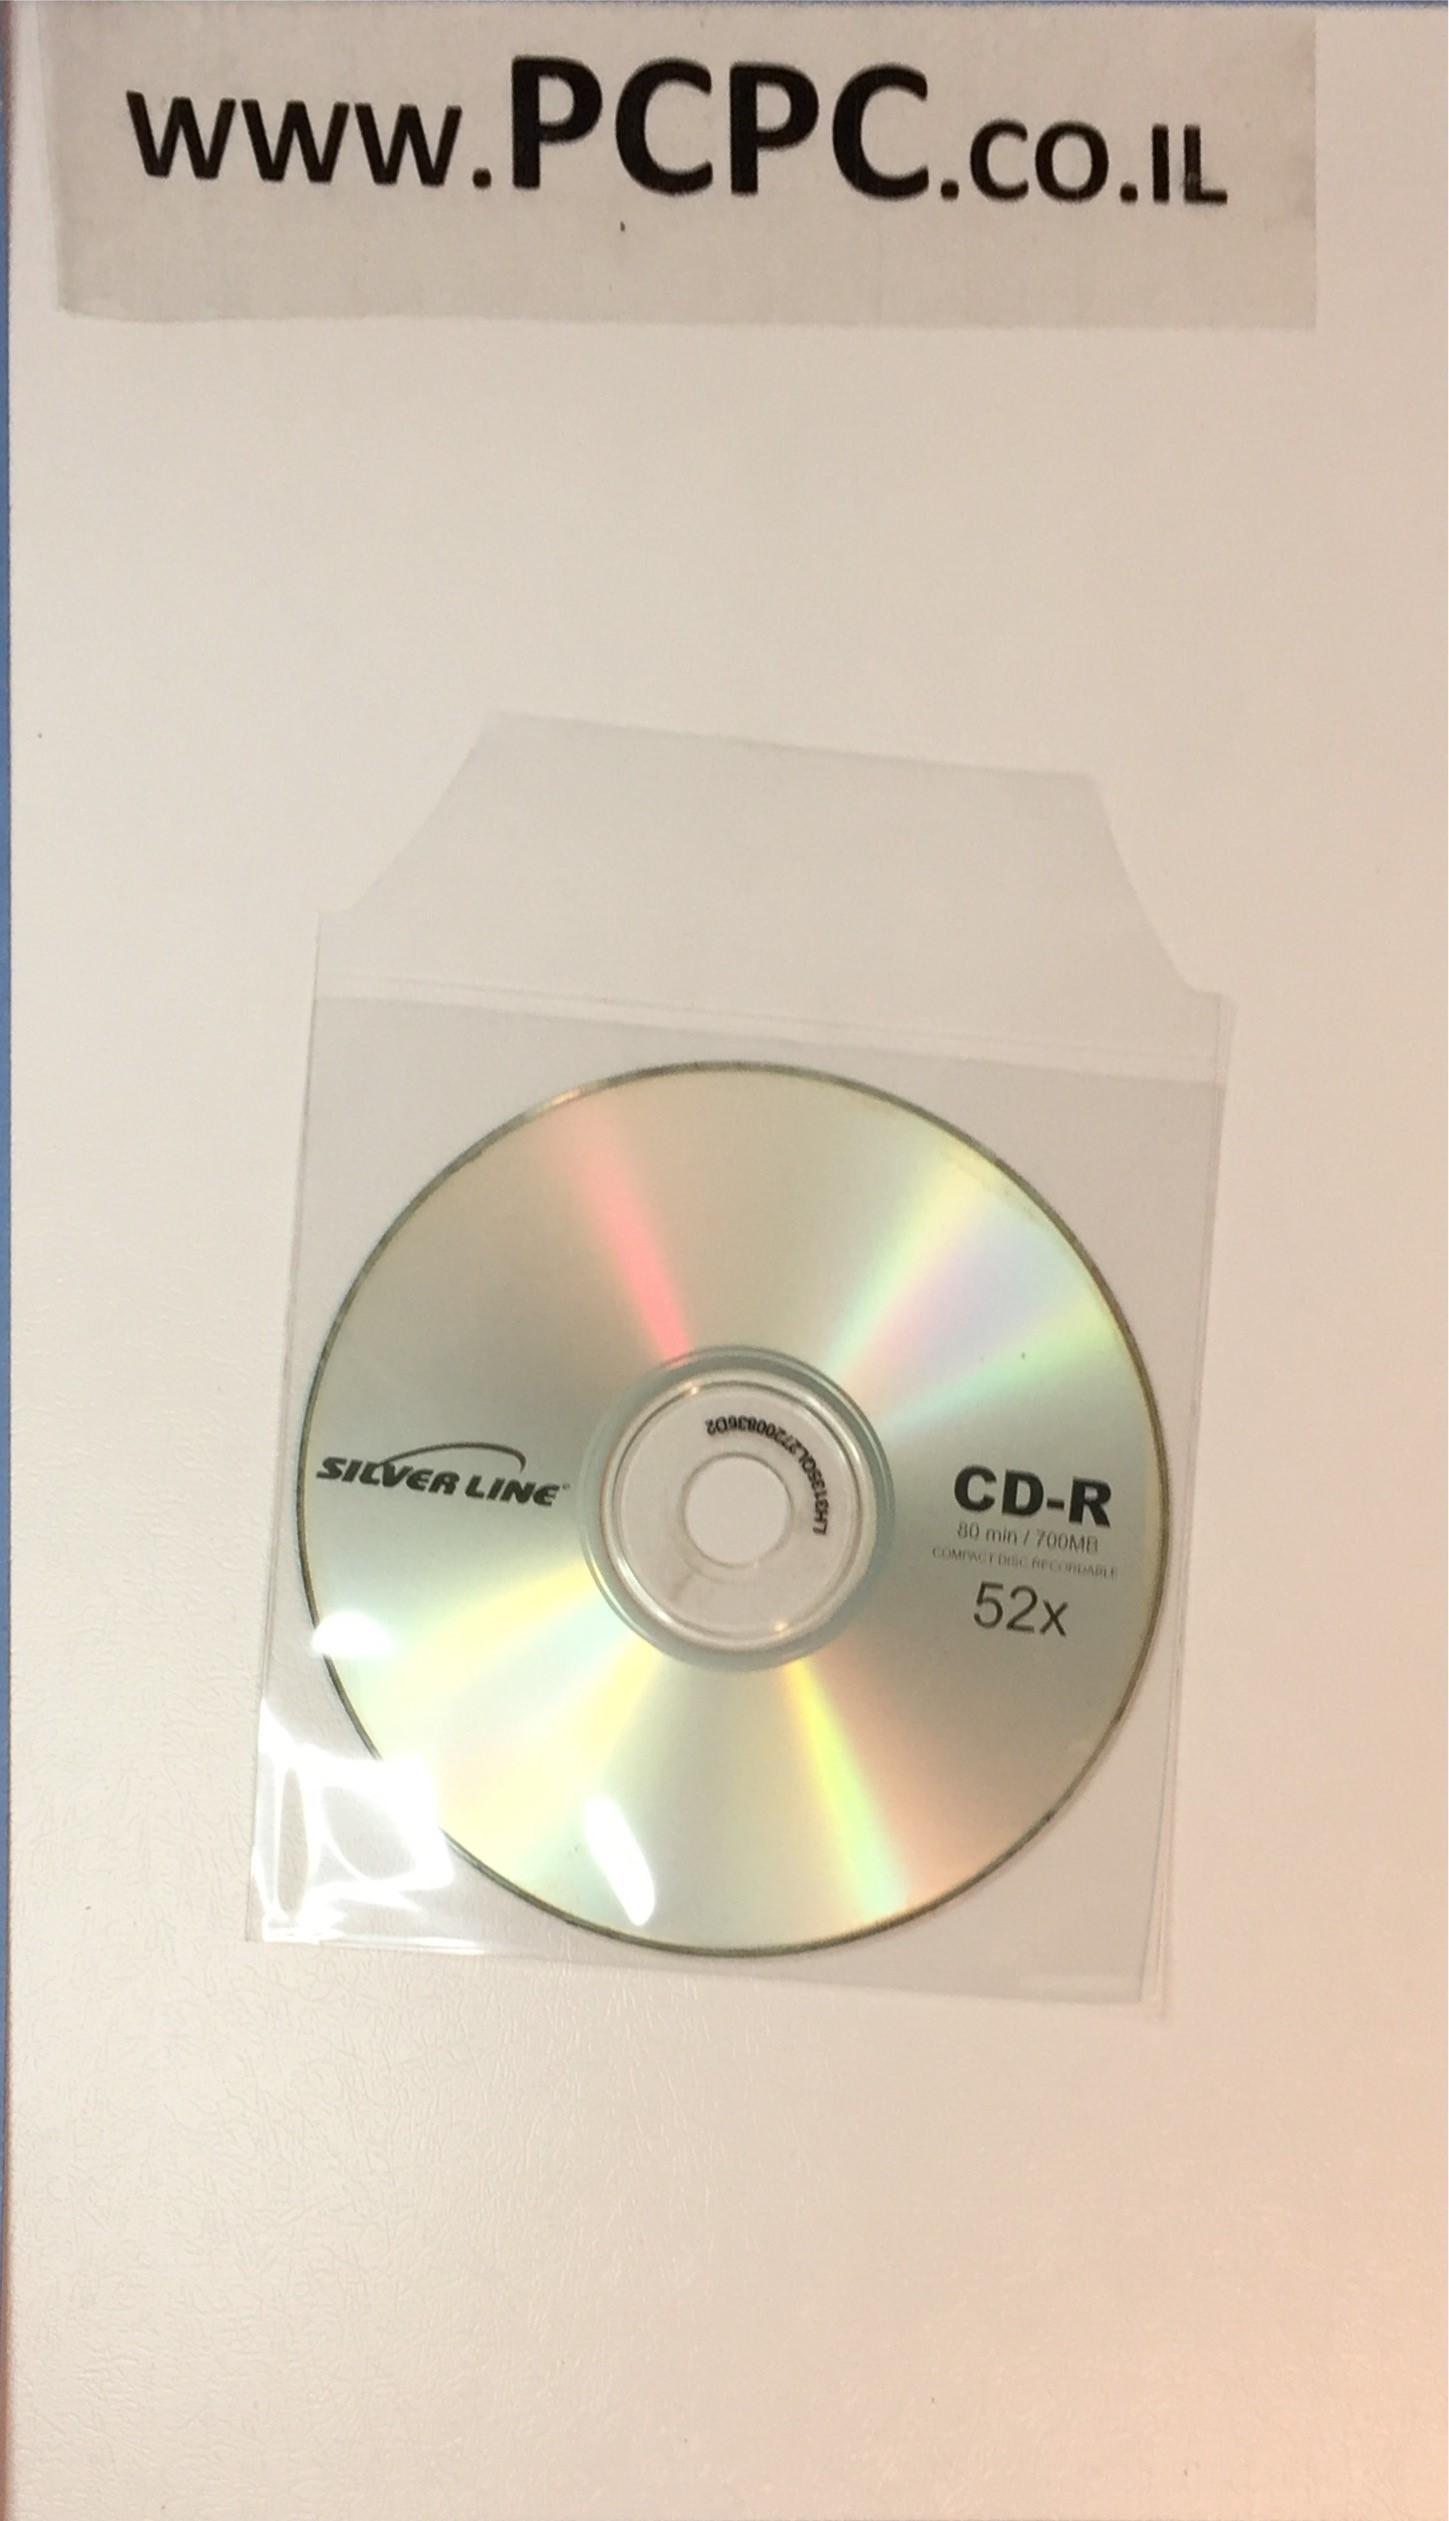 שקית   שקופה+קלפה לדיסק  100 יחידות 12.5x12.5+4